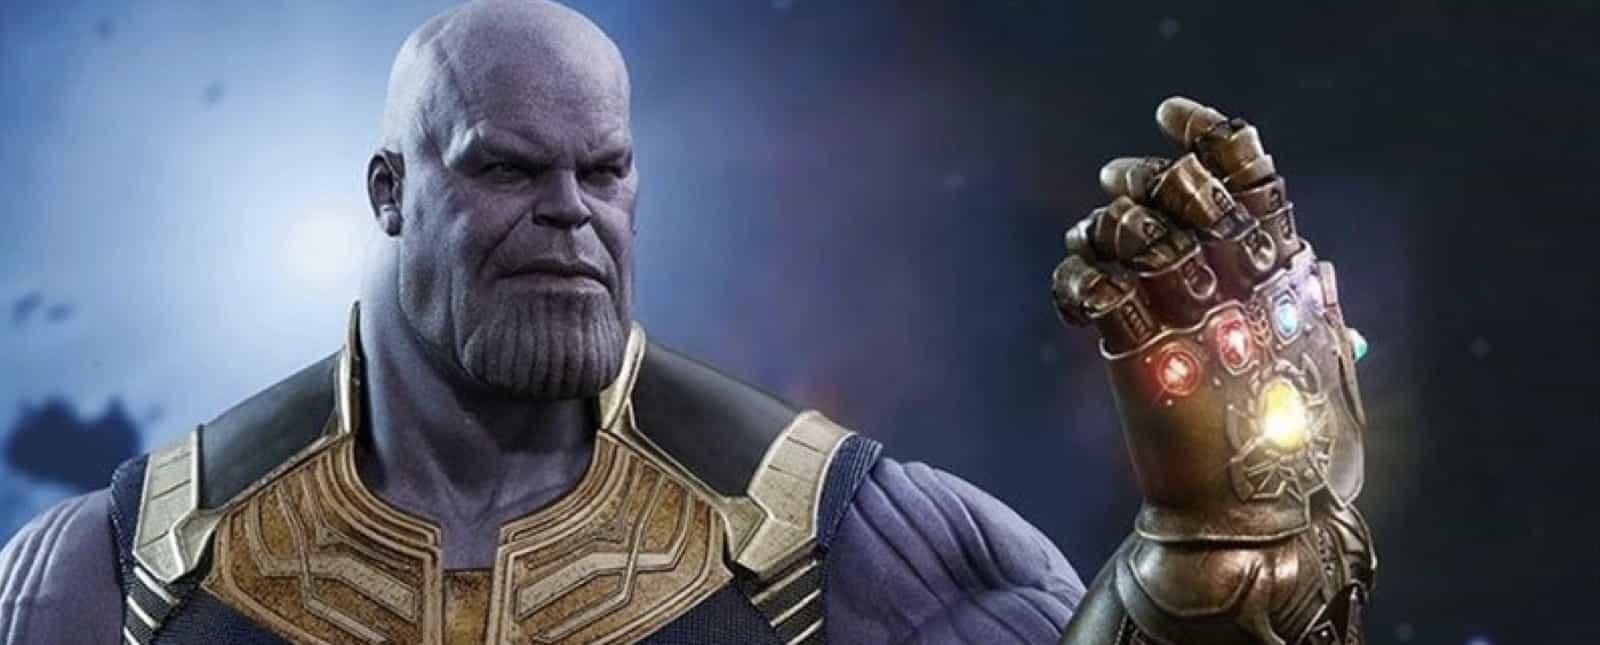 Avengers: Endgame. ¿Cómo consiguió Thanos el Guantelete del Infinito? - Cine